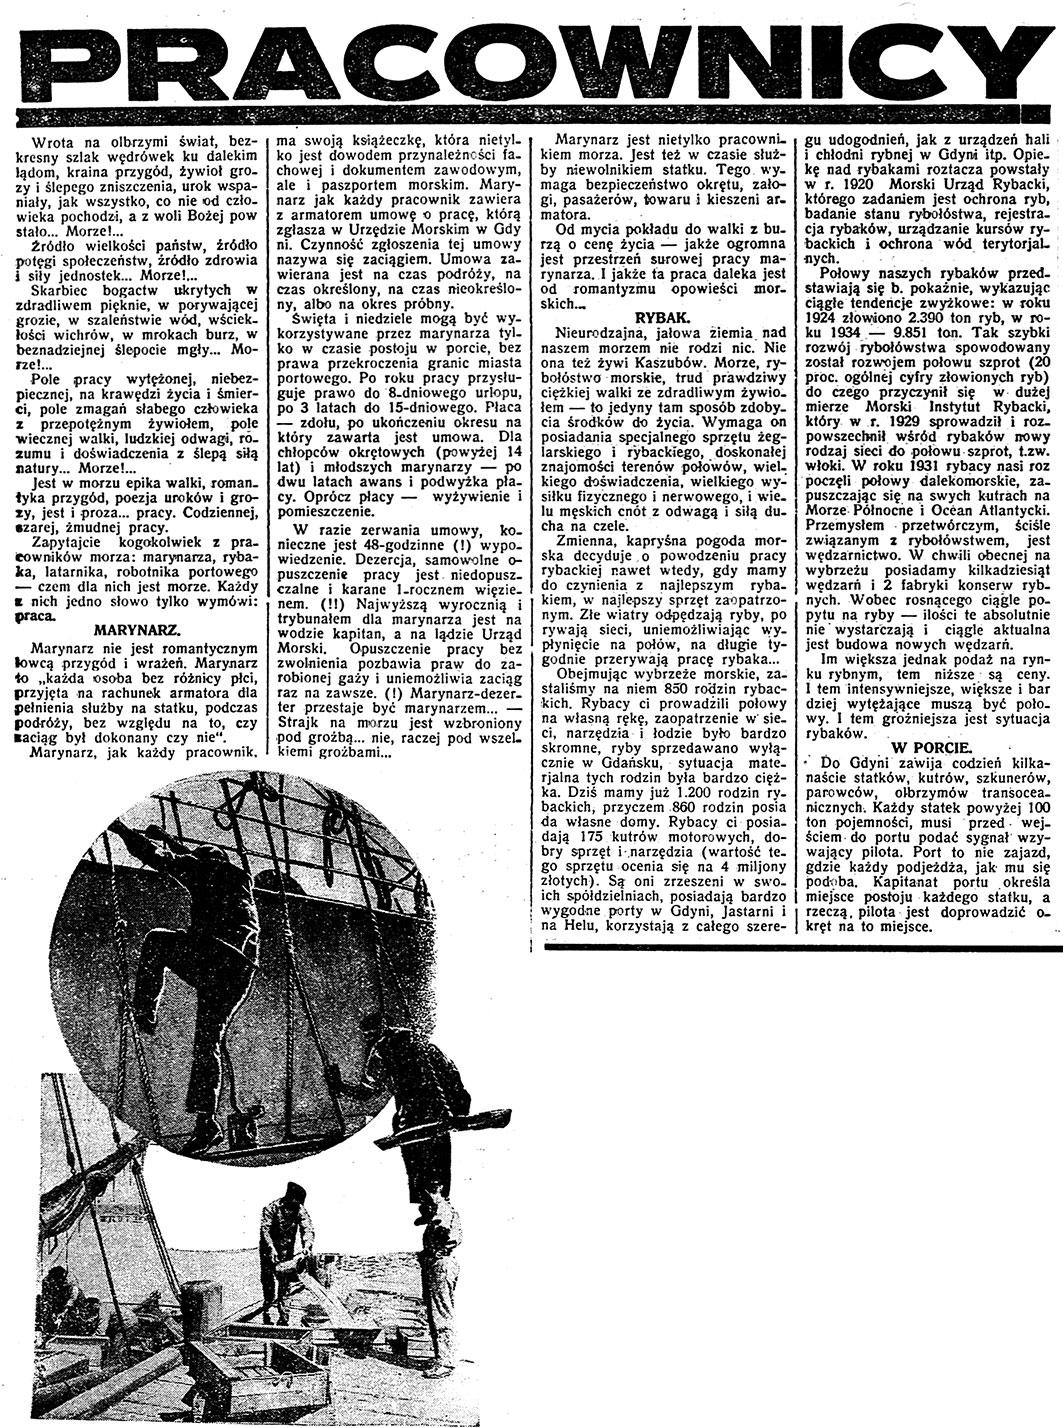 Pracownicy morza // Dzień Dobry. - 1935, nr 178. s. 3-4. - Il.